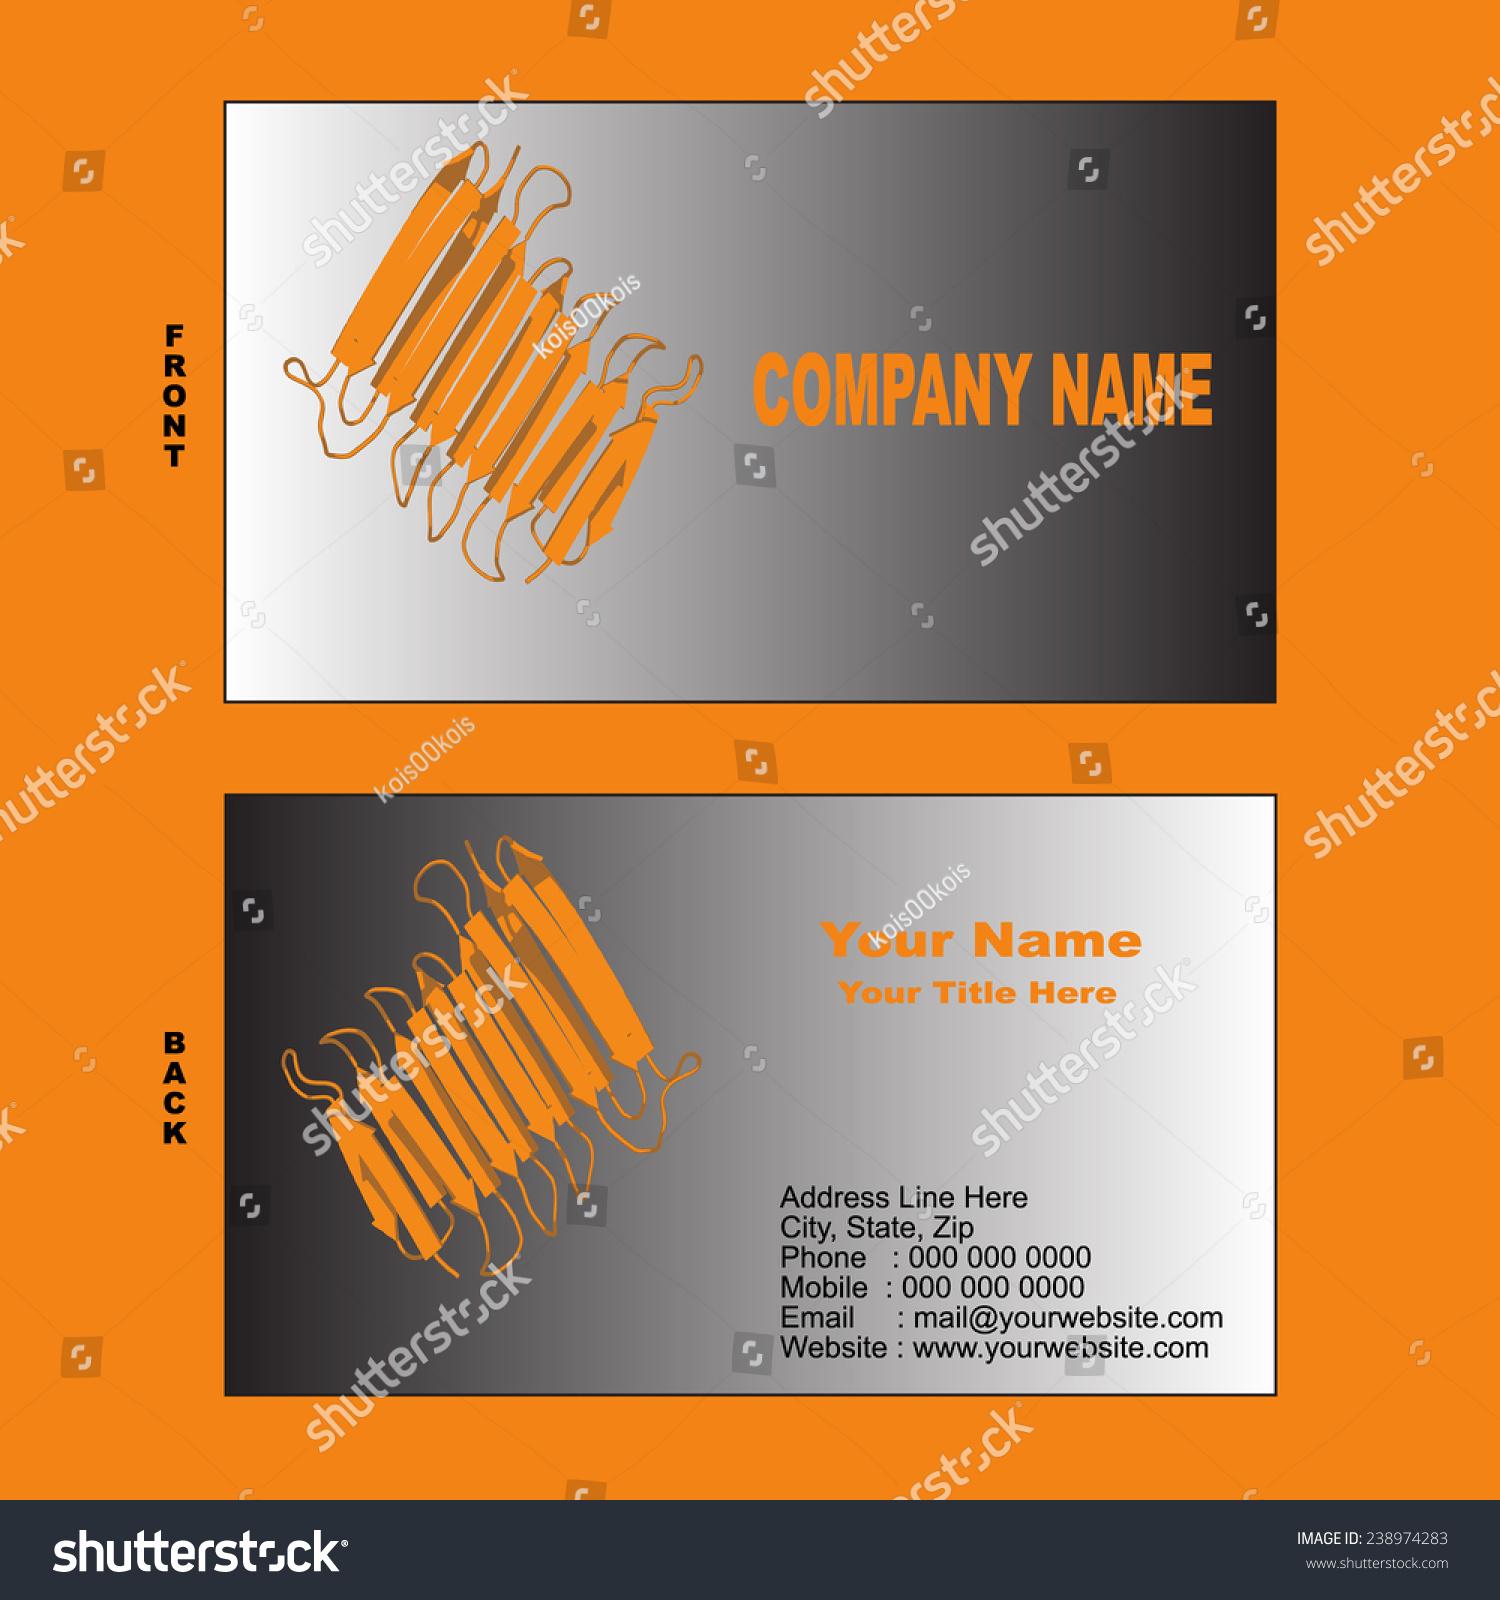 Biotechnologythemed business card templates betasheet protein stock biotechnologythemed business card templates betasheet protein stock vector 238974283 shutterstock colourmoves